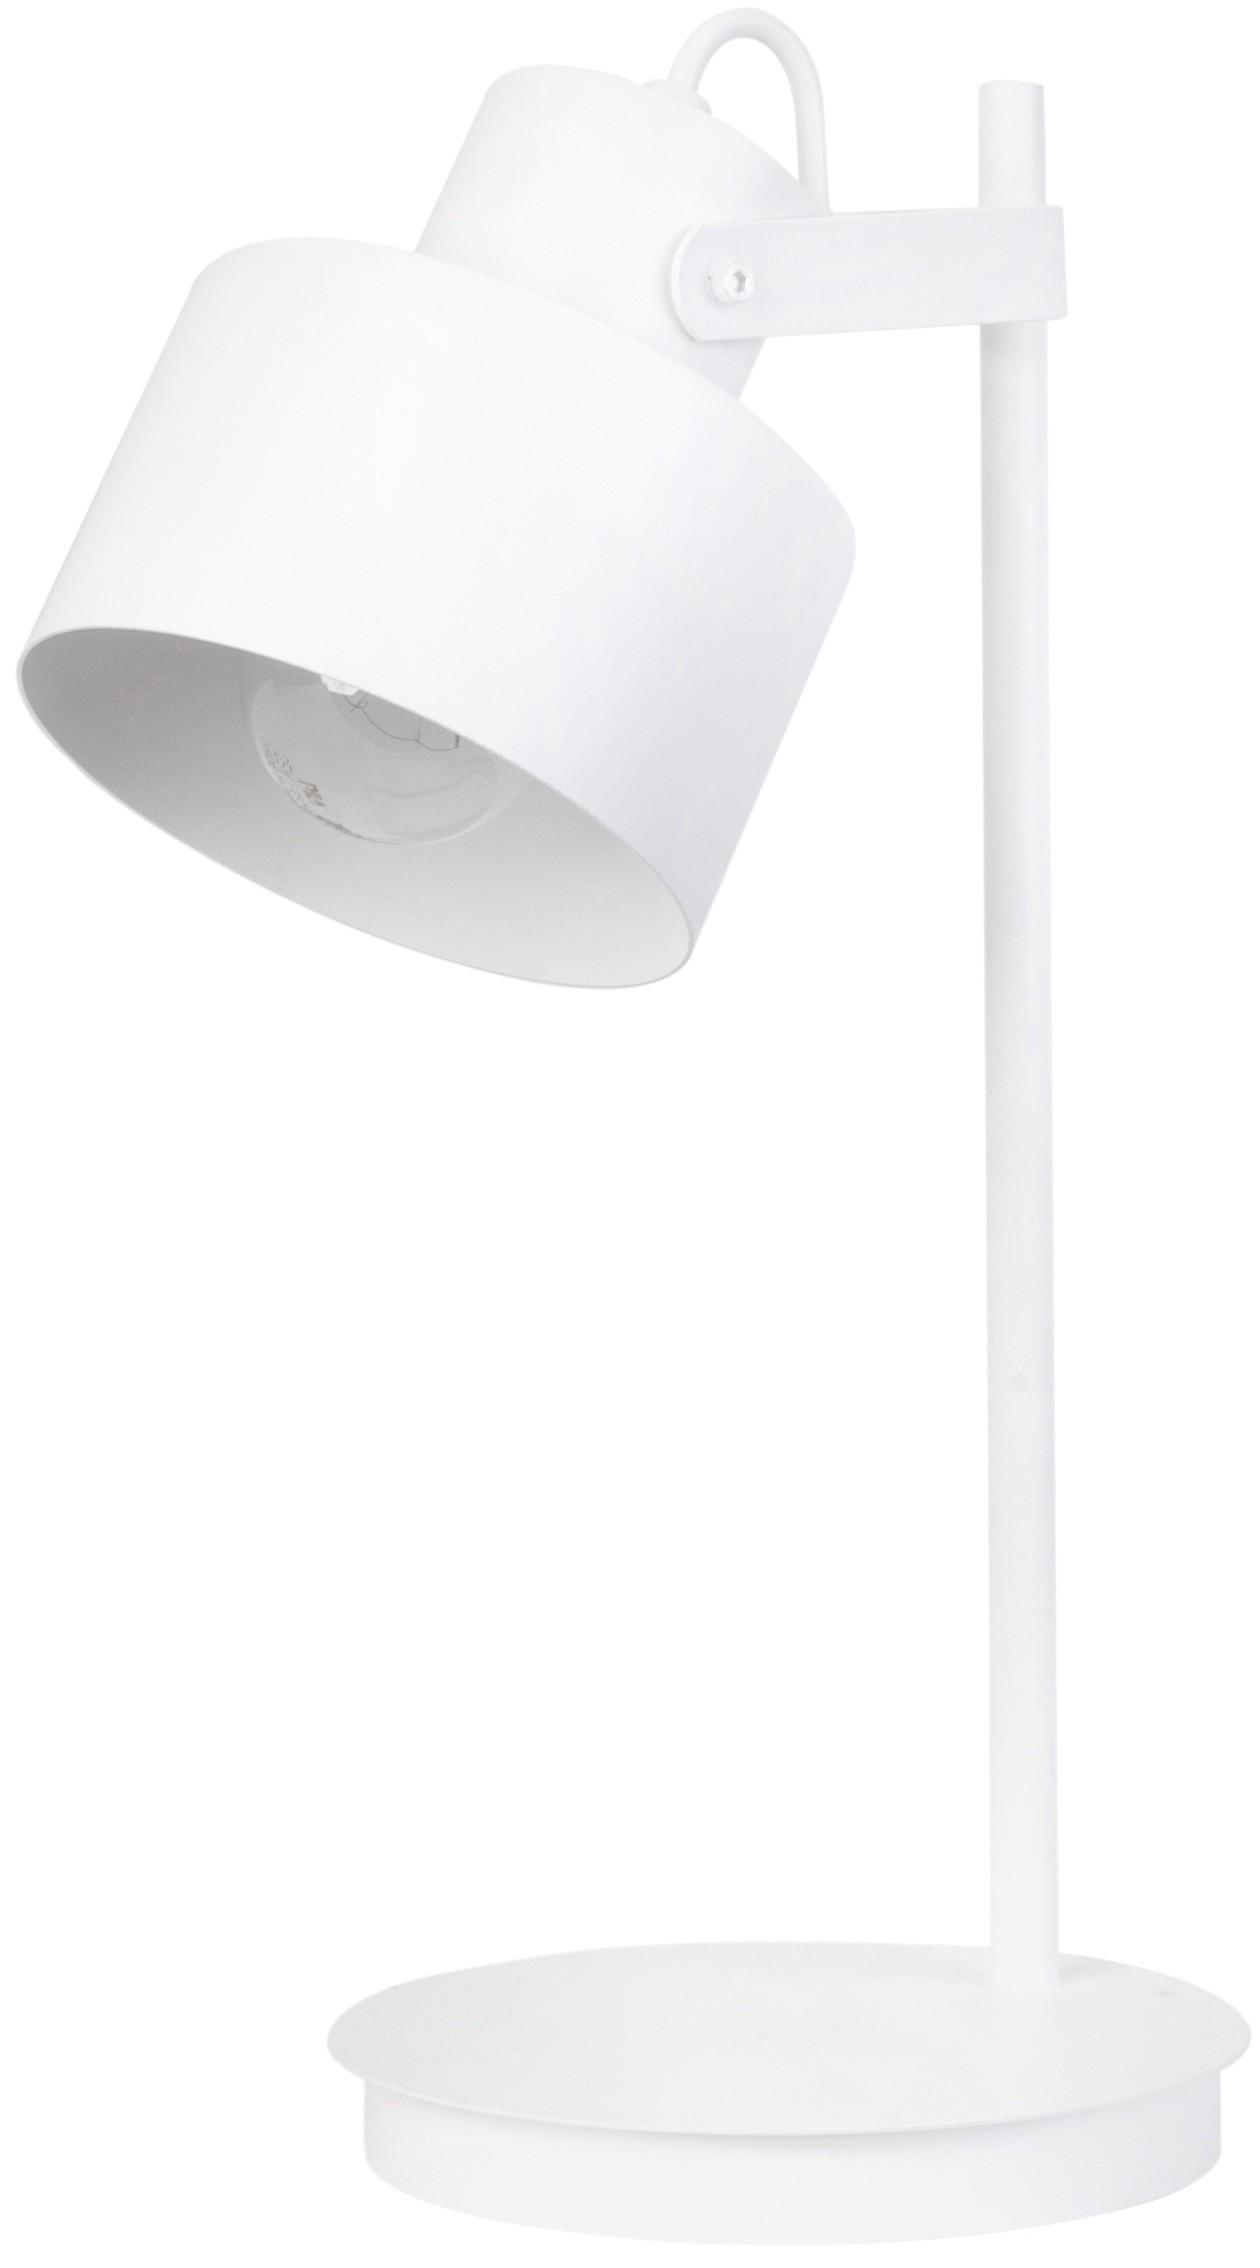 Lampka METRO biały 50124 - Sigma // Rabaty w koszyku i darmowa dostawa od 299zł !